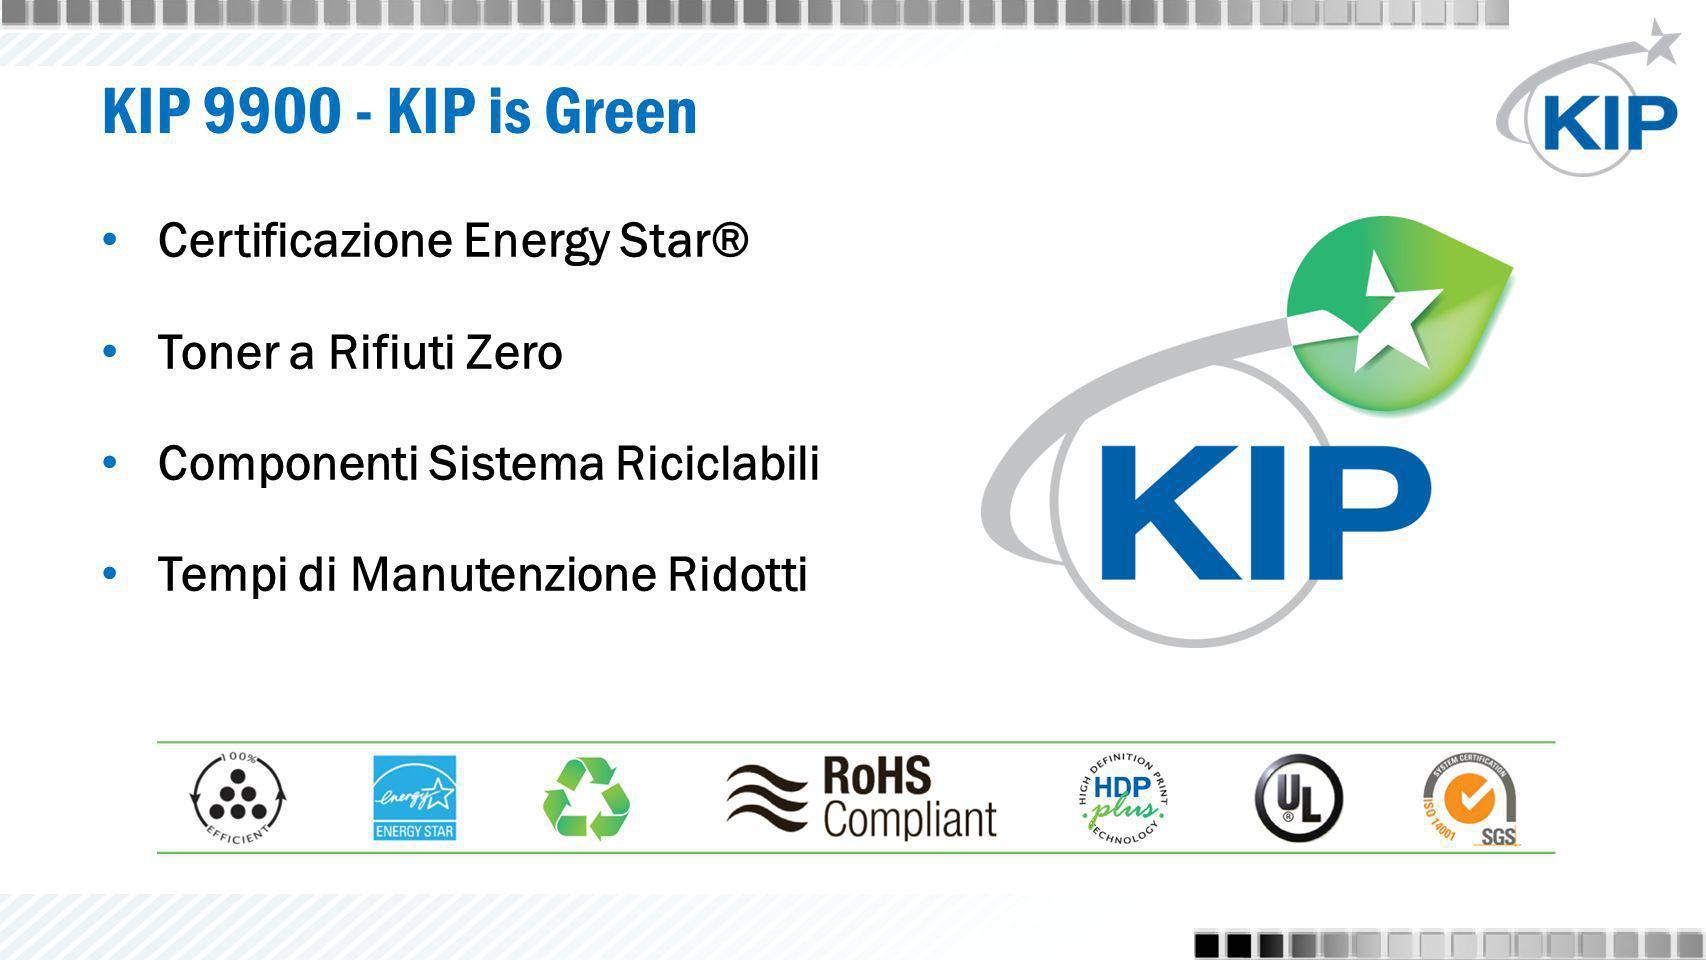 KIP 9900 - KIP is Green Certificazione Energy Star® Toner a Rifiuti Zero Componenti Sistema Riciclabili Tempi di Manutenzione Ridotti